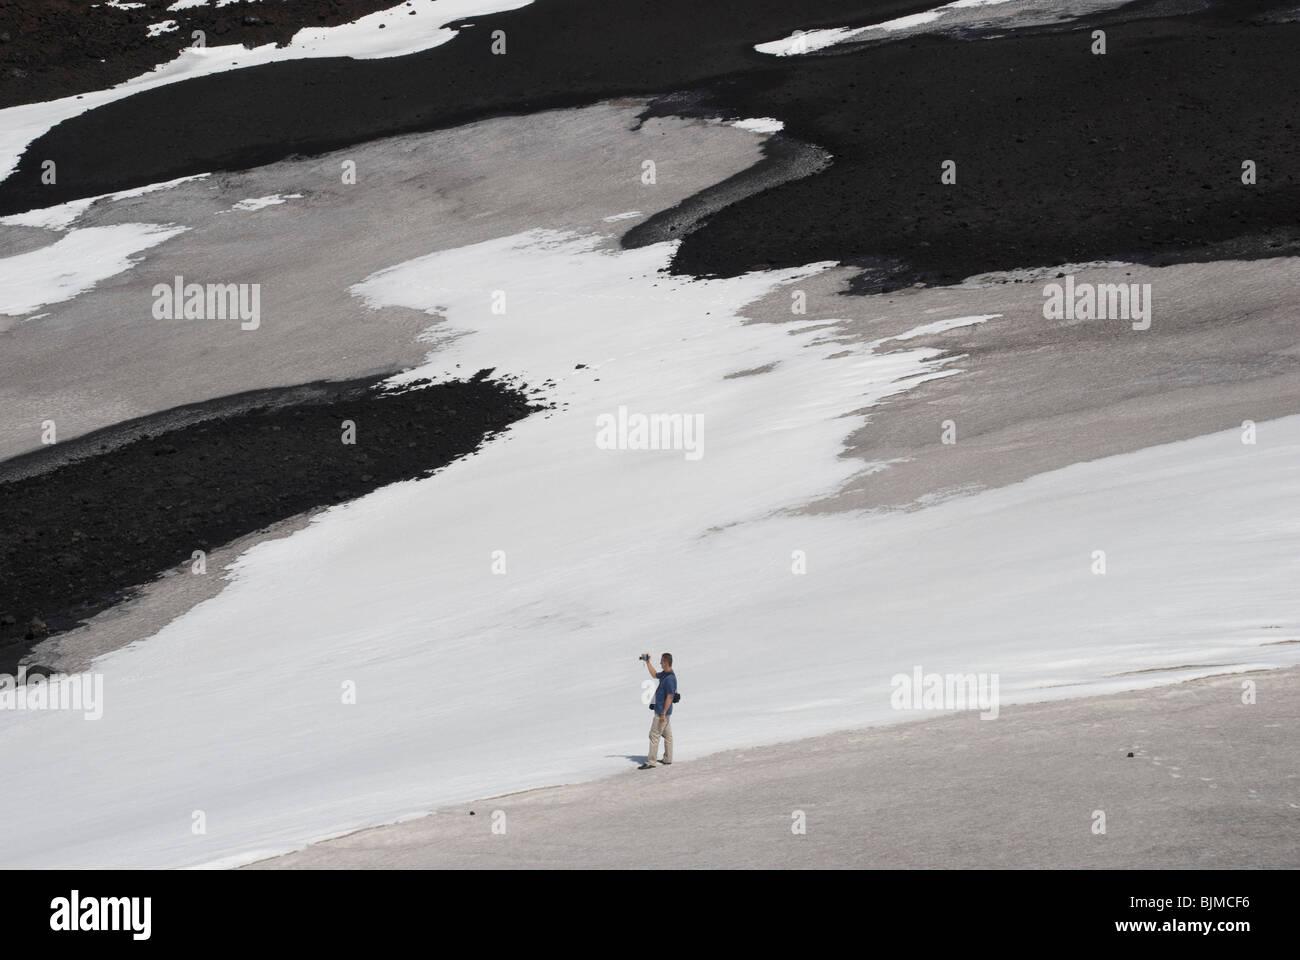 Italien, Sizilien, Ätna schwarze Lava und Schnee, einzelner Tourist Italy, Sicily, Mount Etna, black lava and - Stock Image